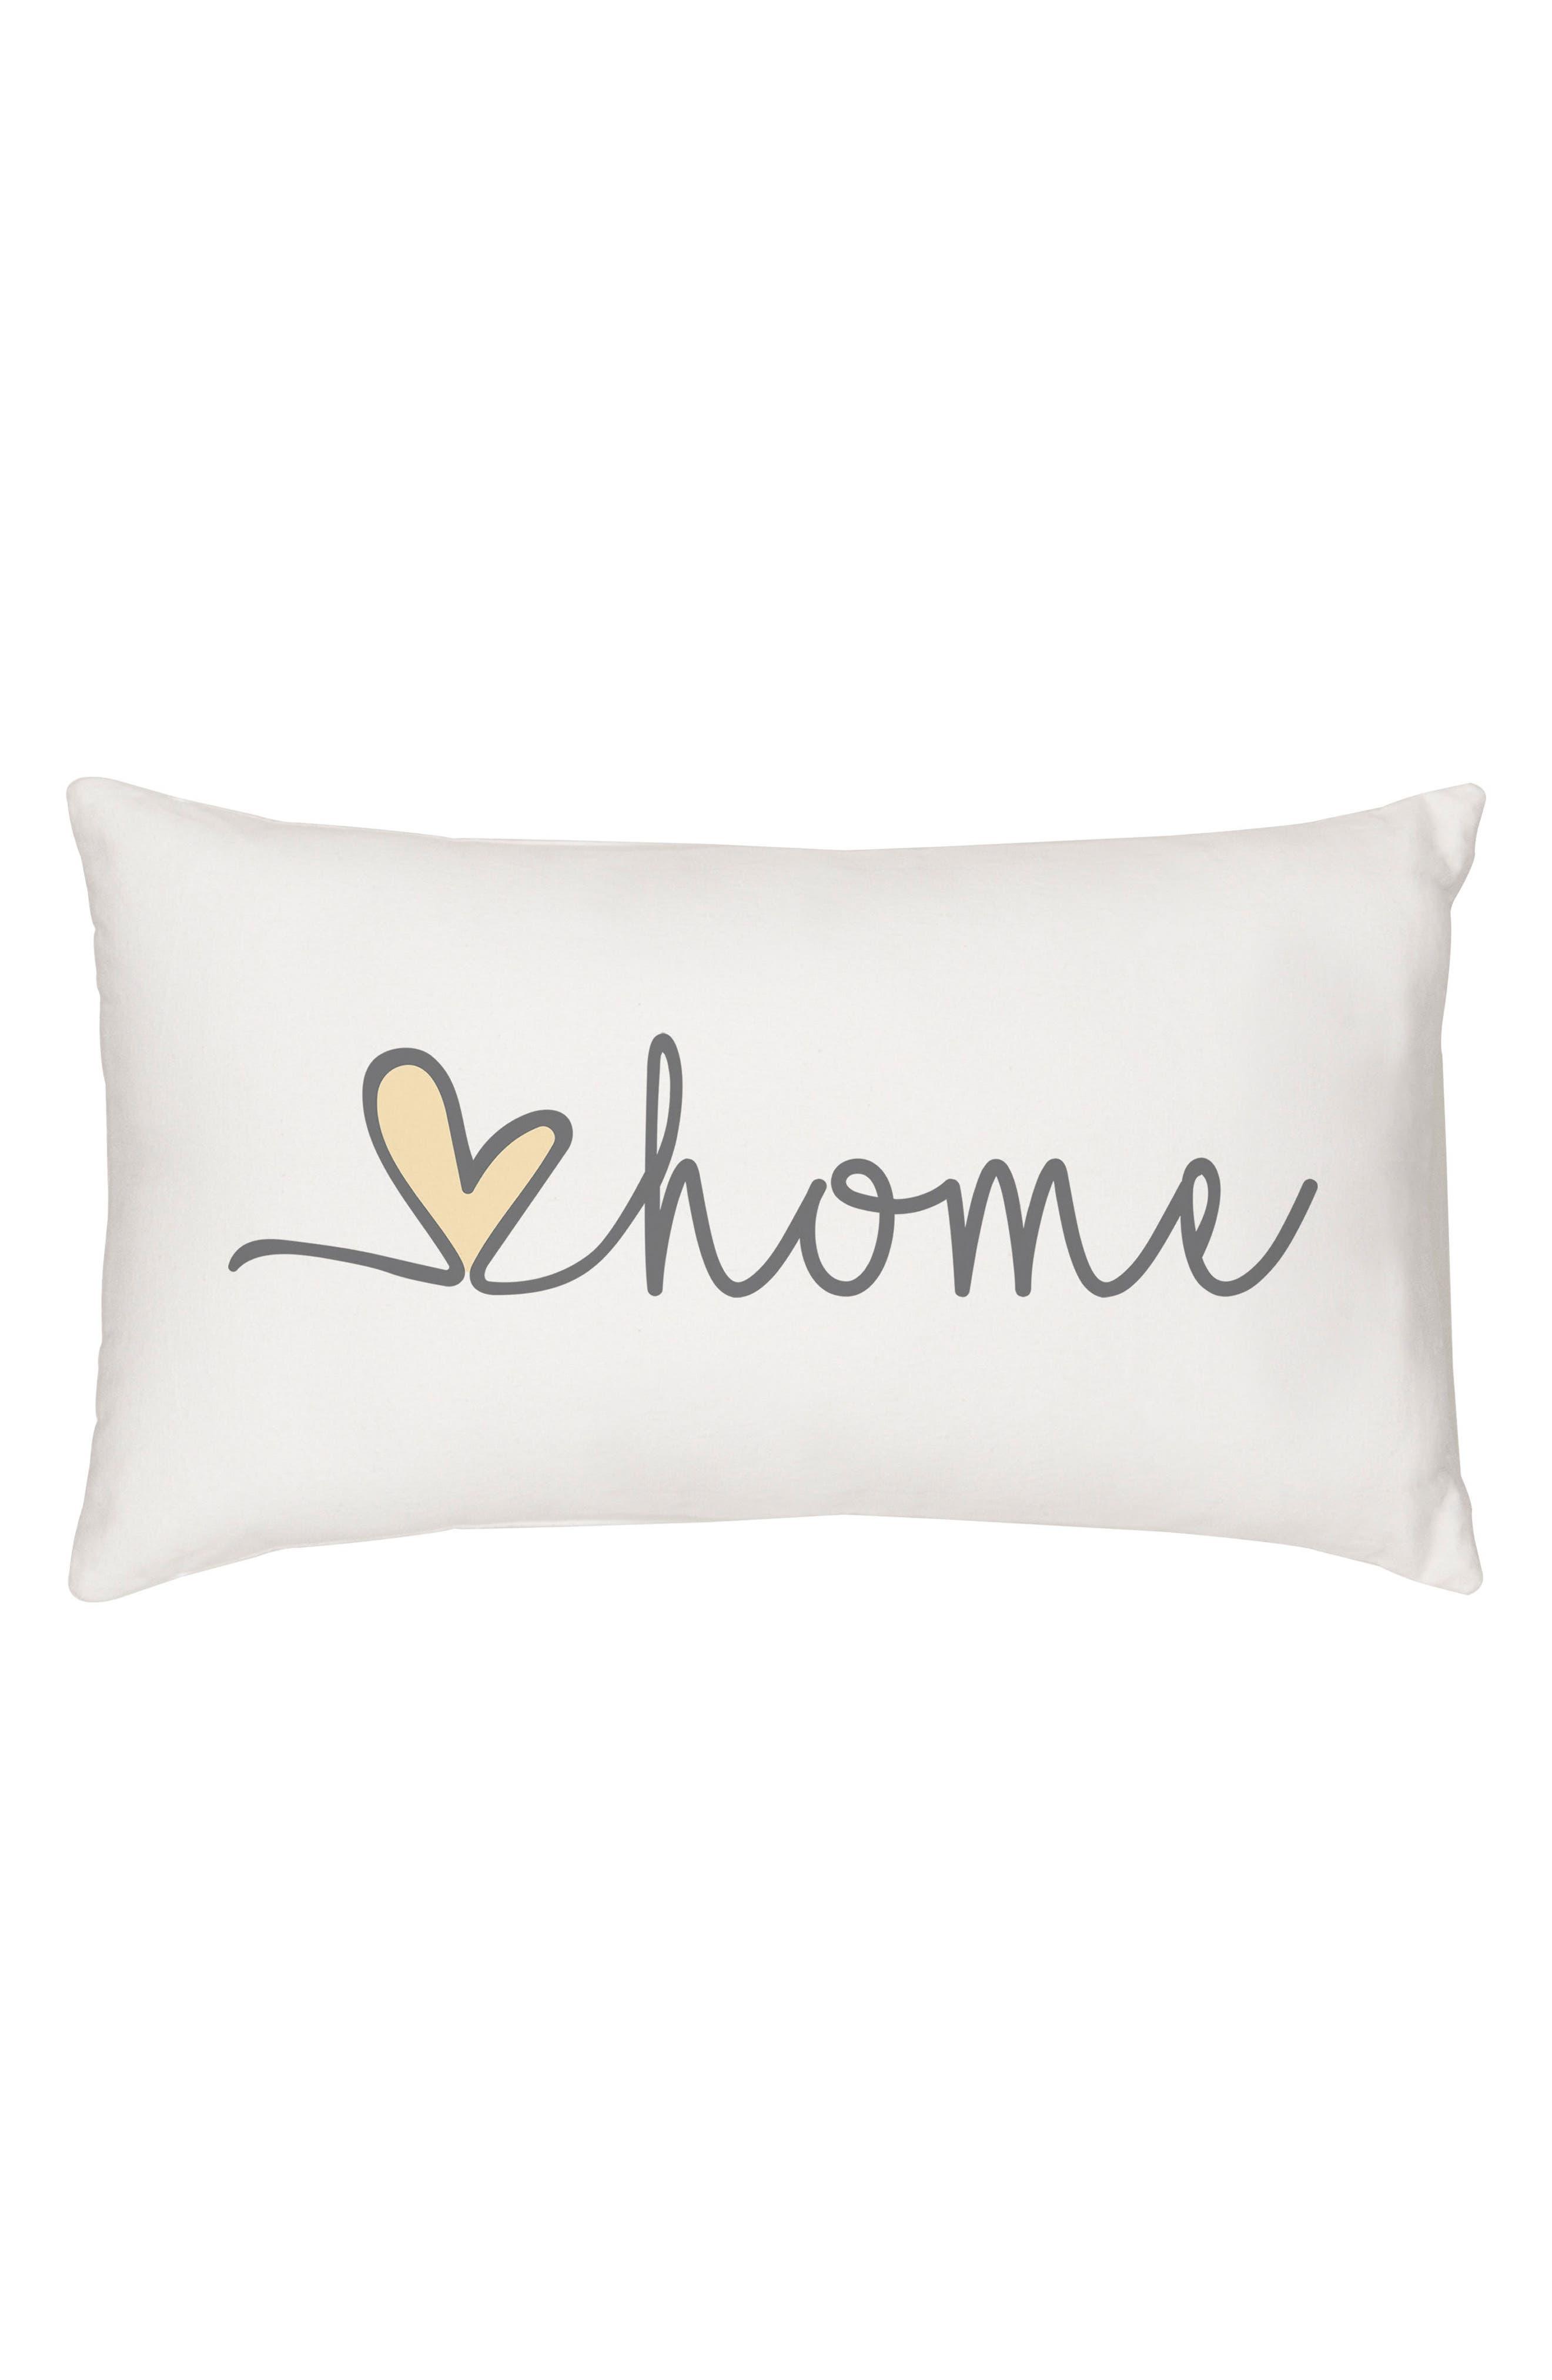 Love Home Lumbar Accent Pillow,                             Main thumbnail 1, color,                             GREY